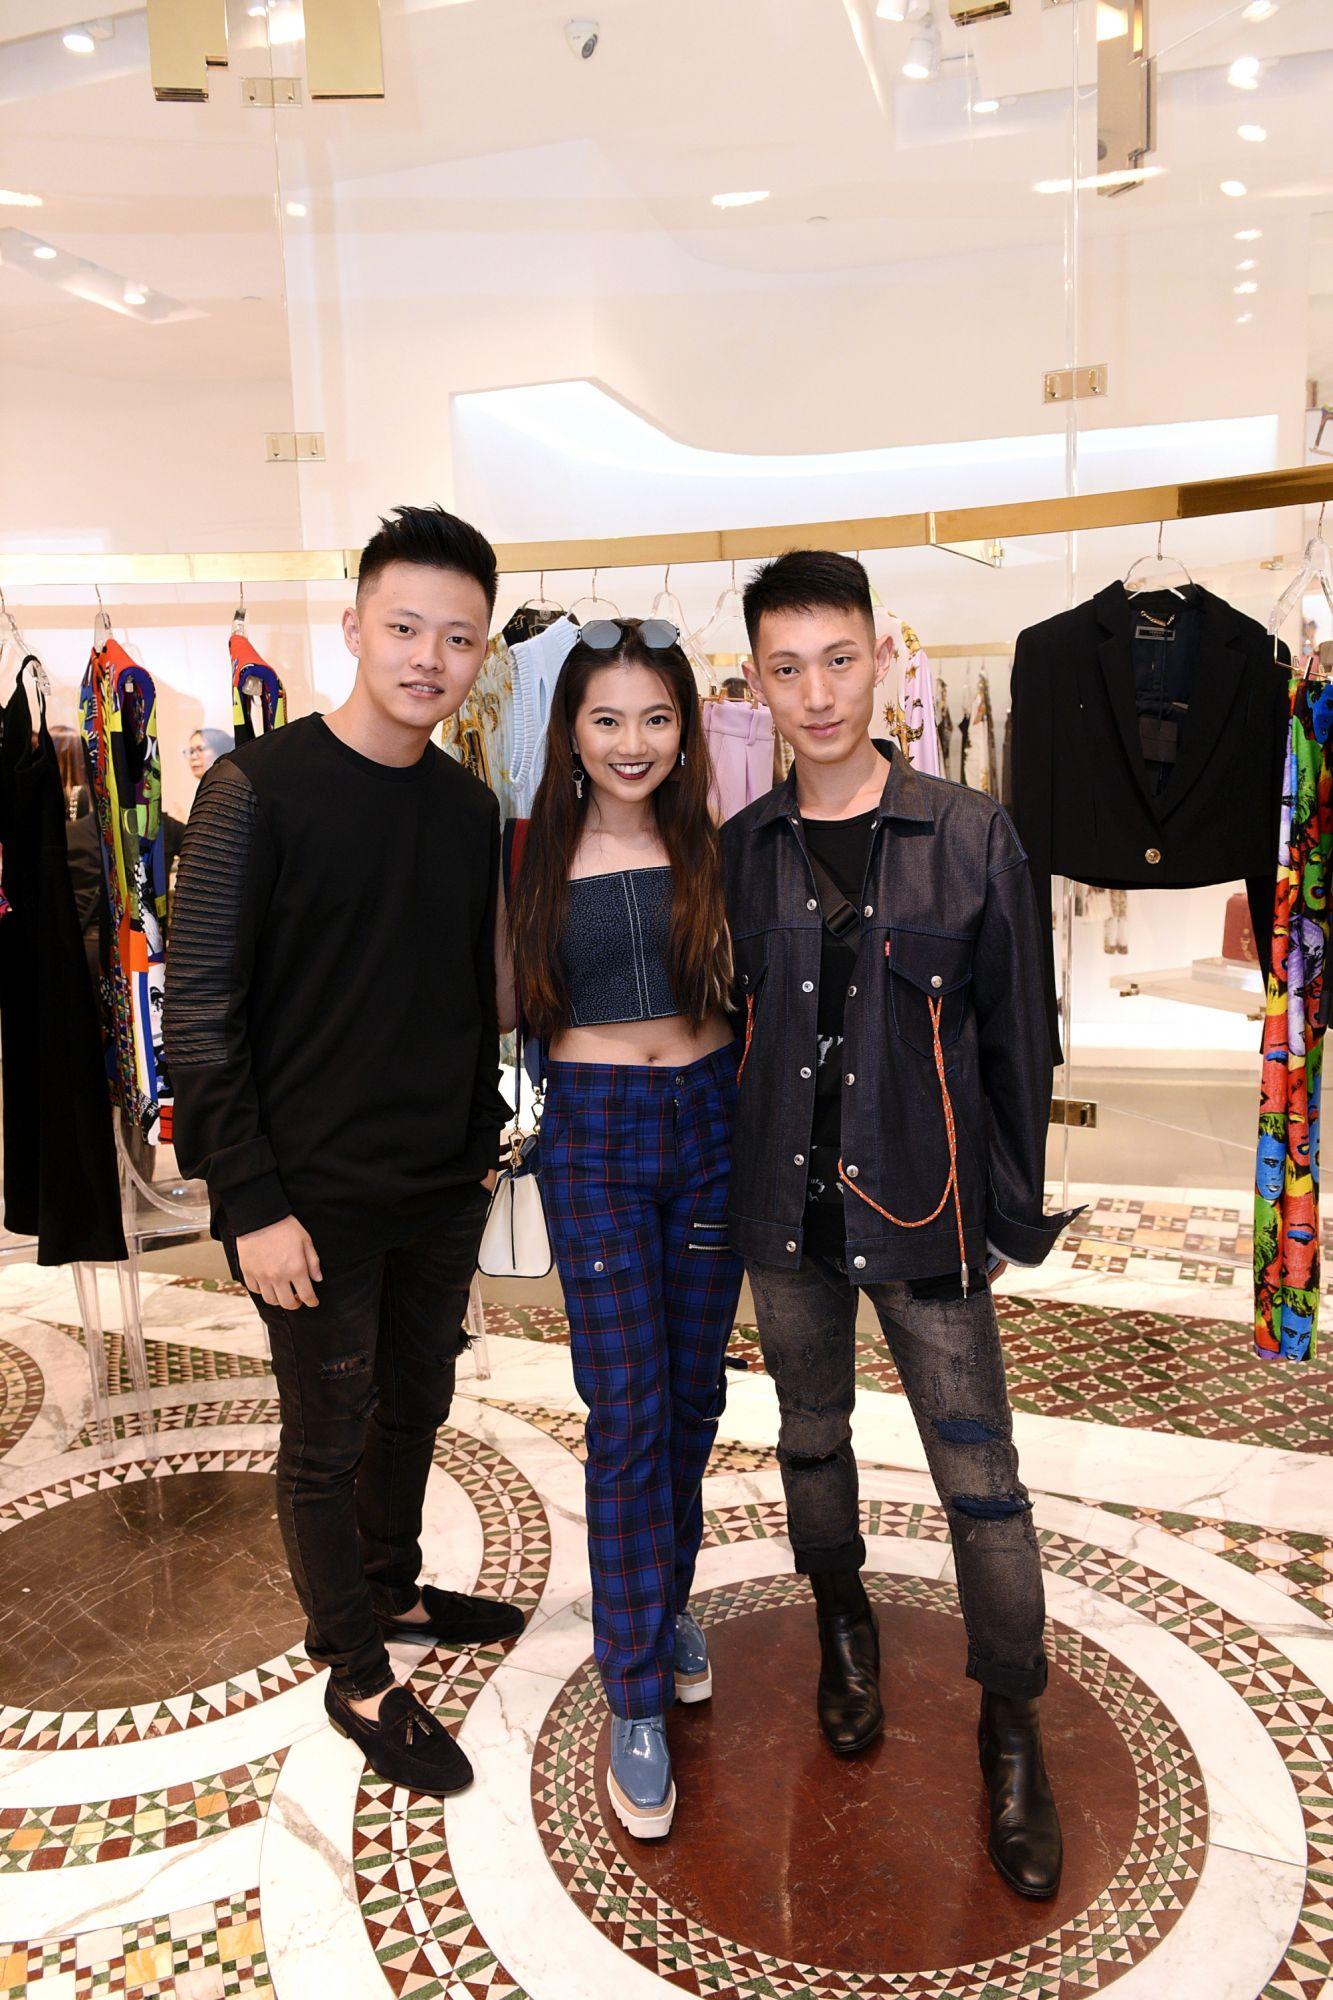 Jake Lim, Vanessa Ng, Dyon Foo